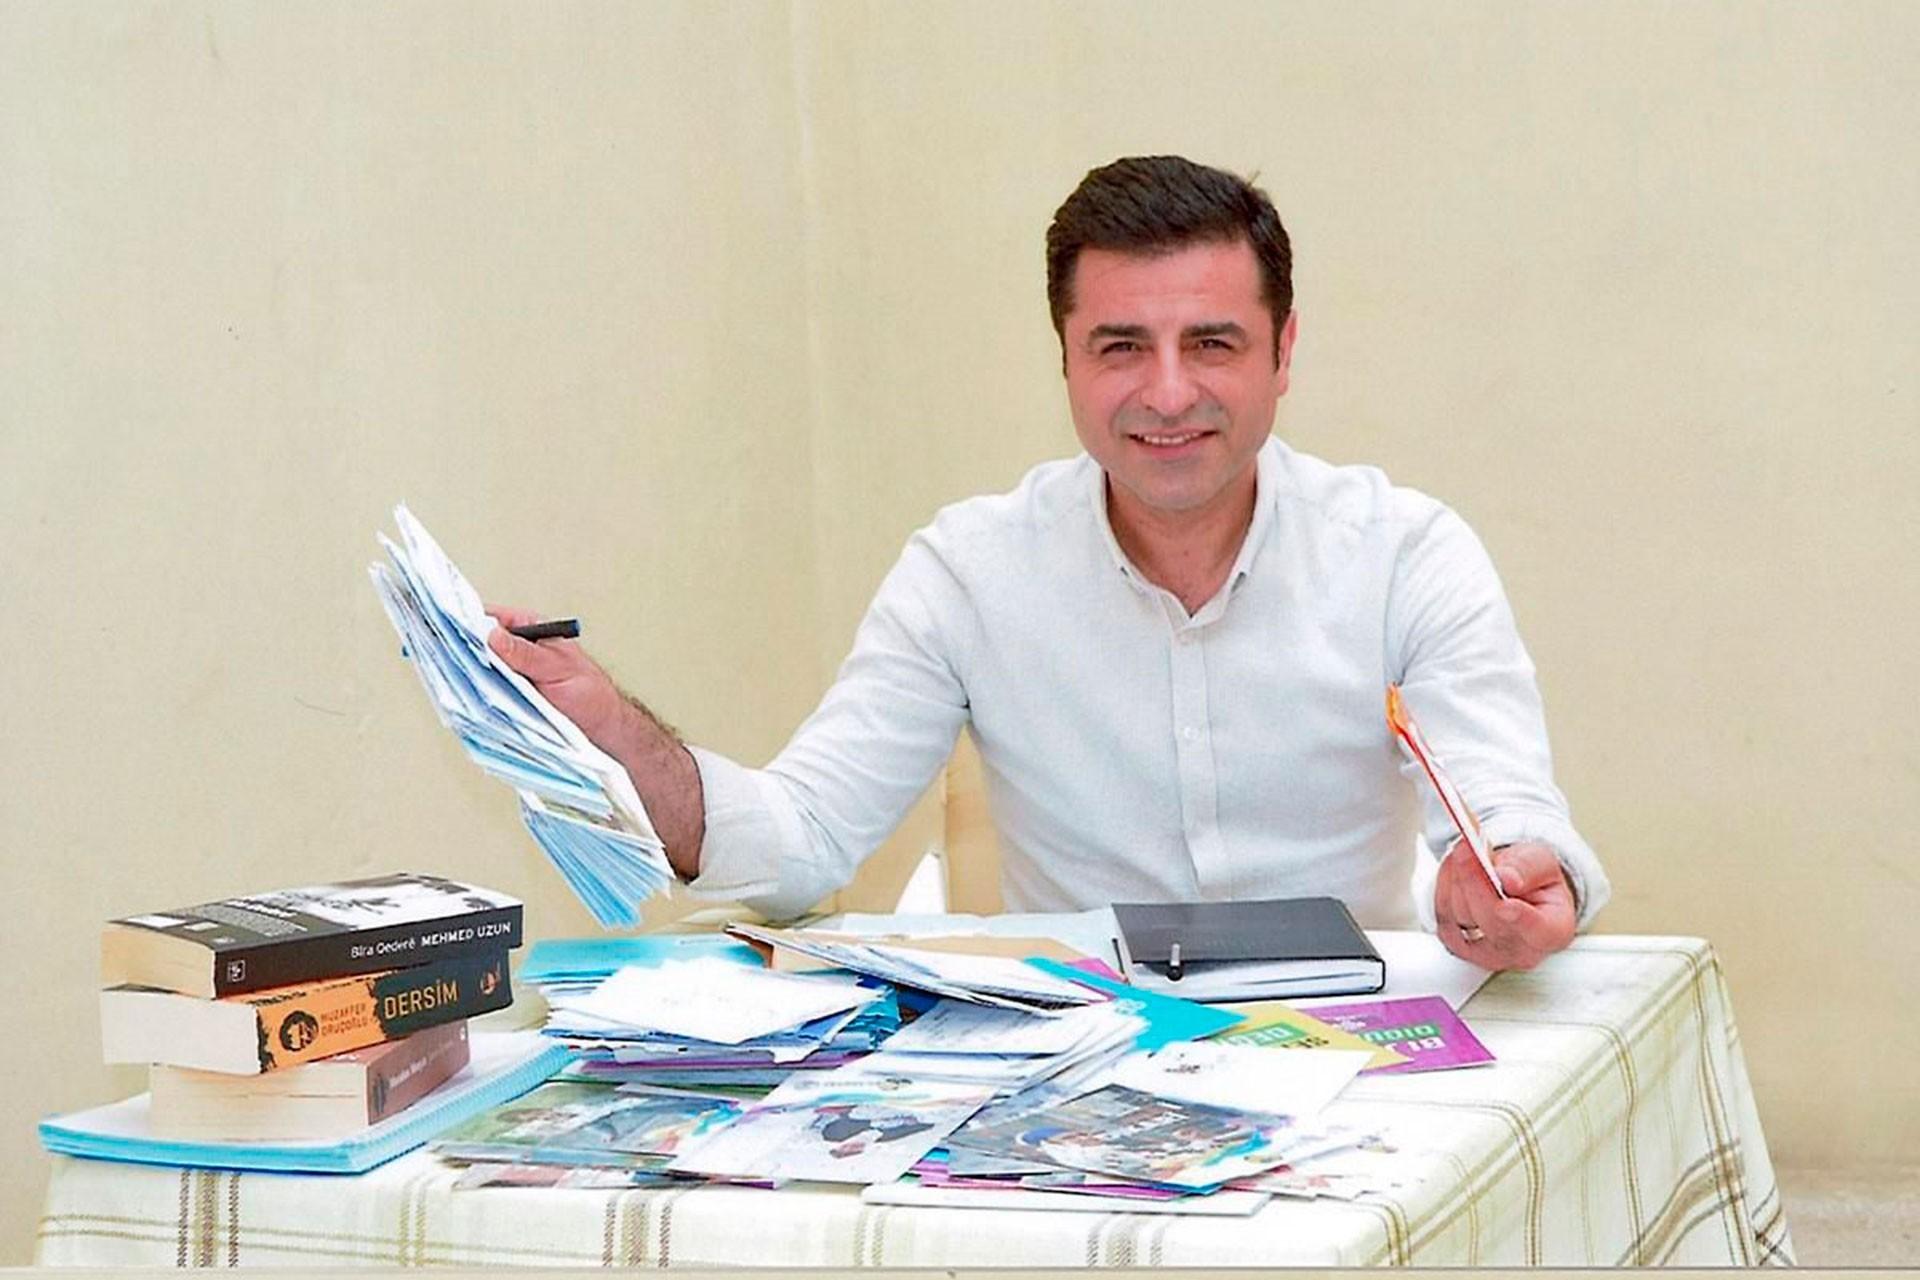 Demirtaş'ın avukatları: Mahsupla ilgili hâlâ karar çıkmadı, artık tahliye edilmeli